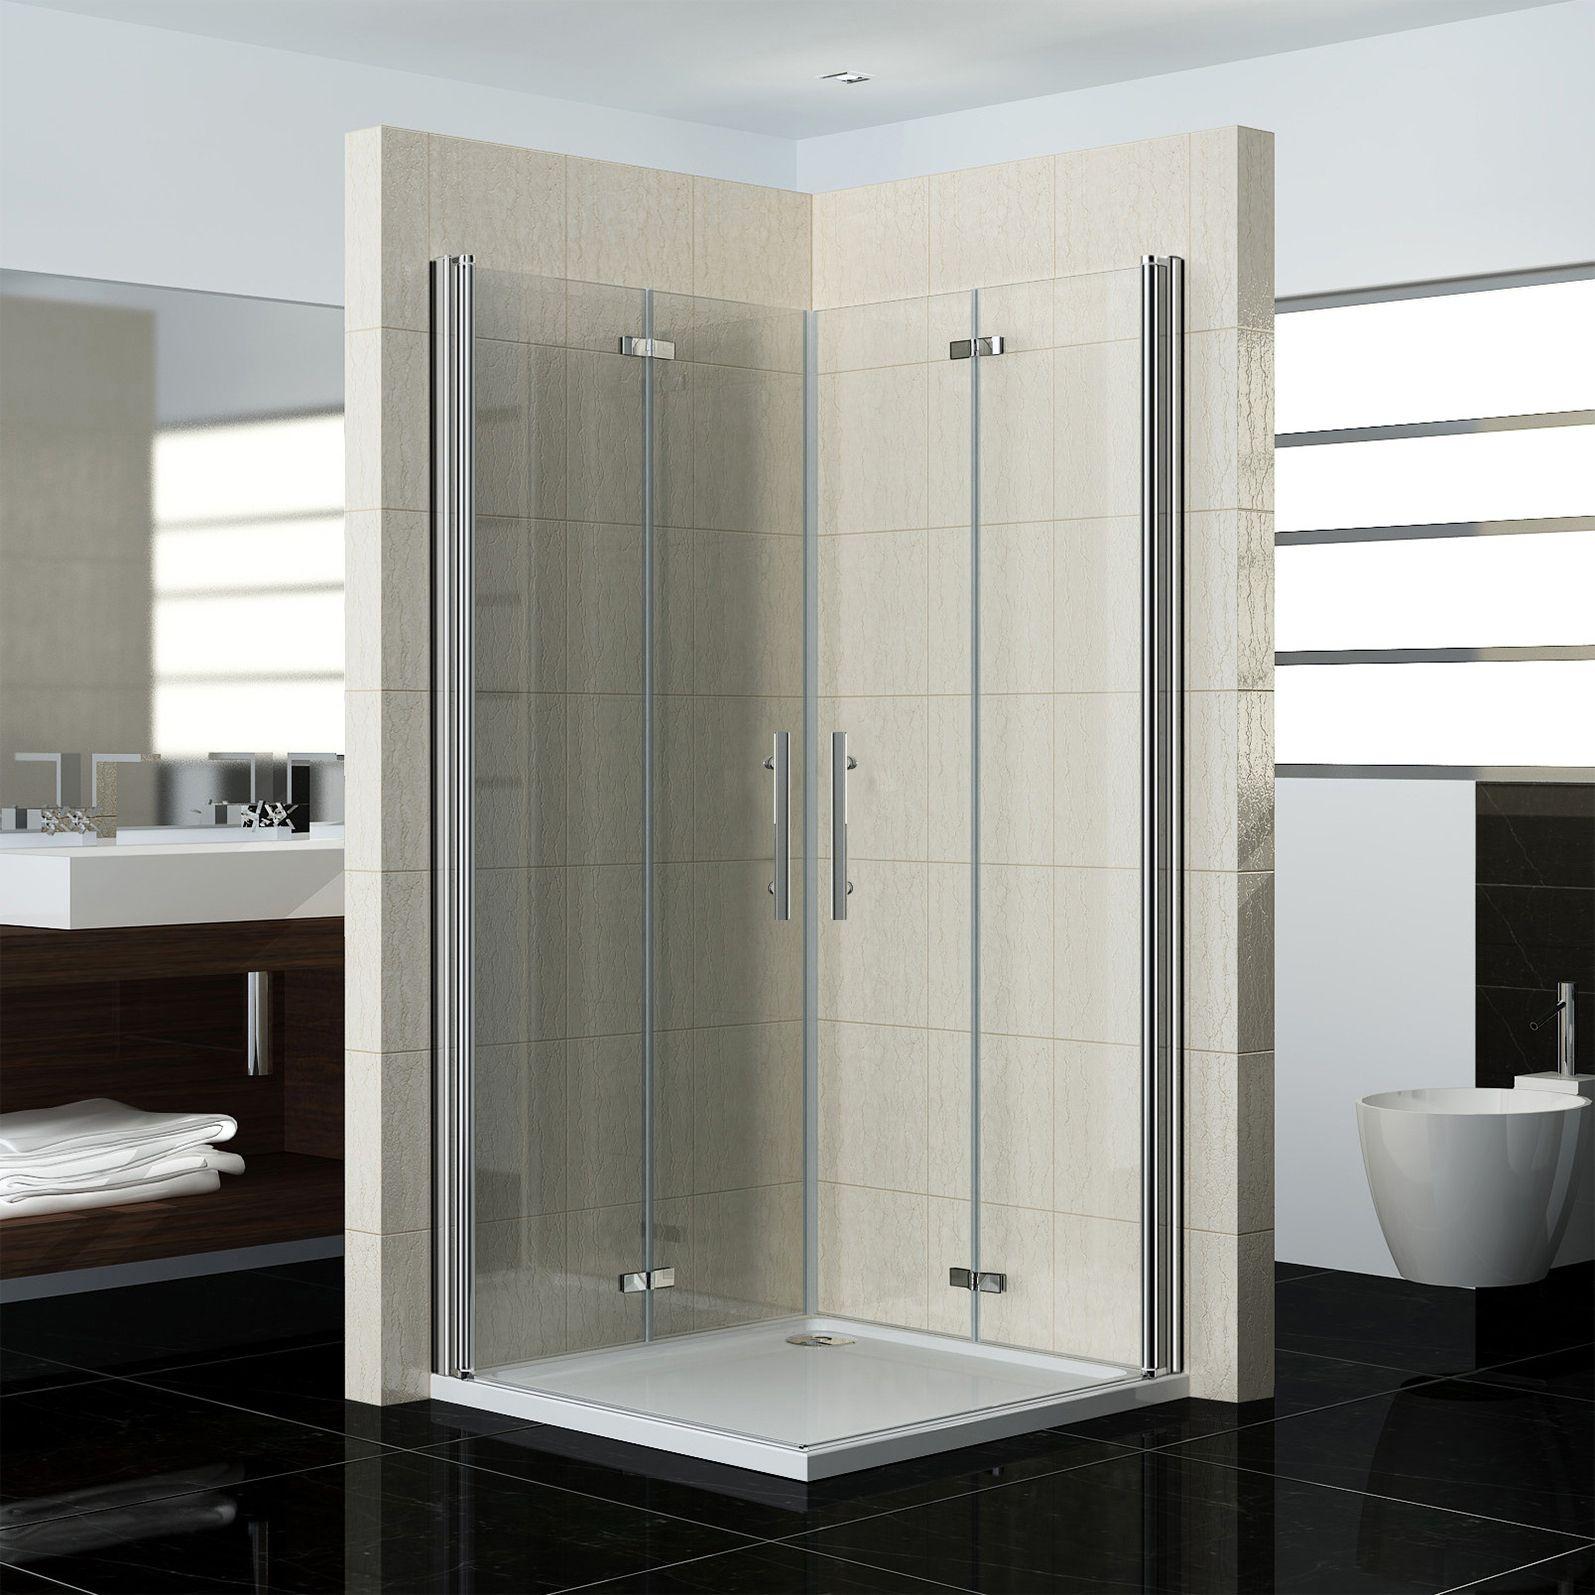 Duschabtrennung Duschkabine 180 Schwingtur Duschwand Dusche Falttur Eckeinstieg Ebay Duschabtrennung Duschkabine Schwingturen